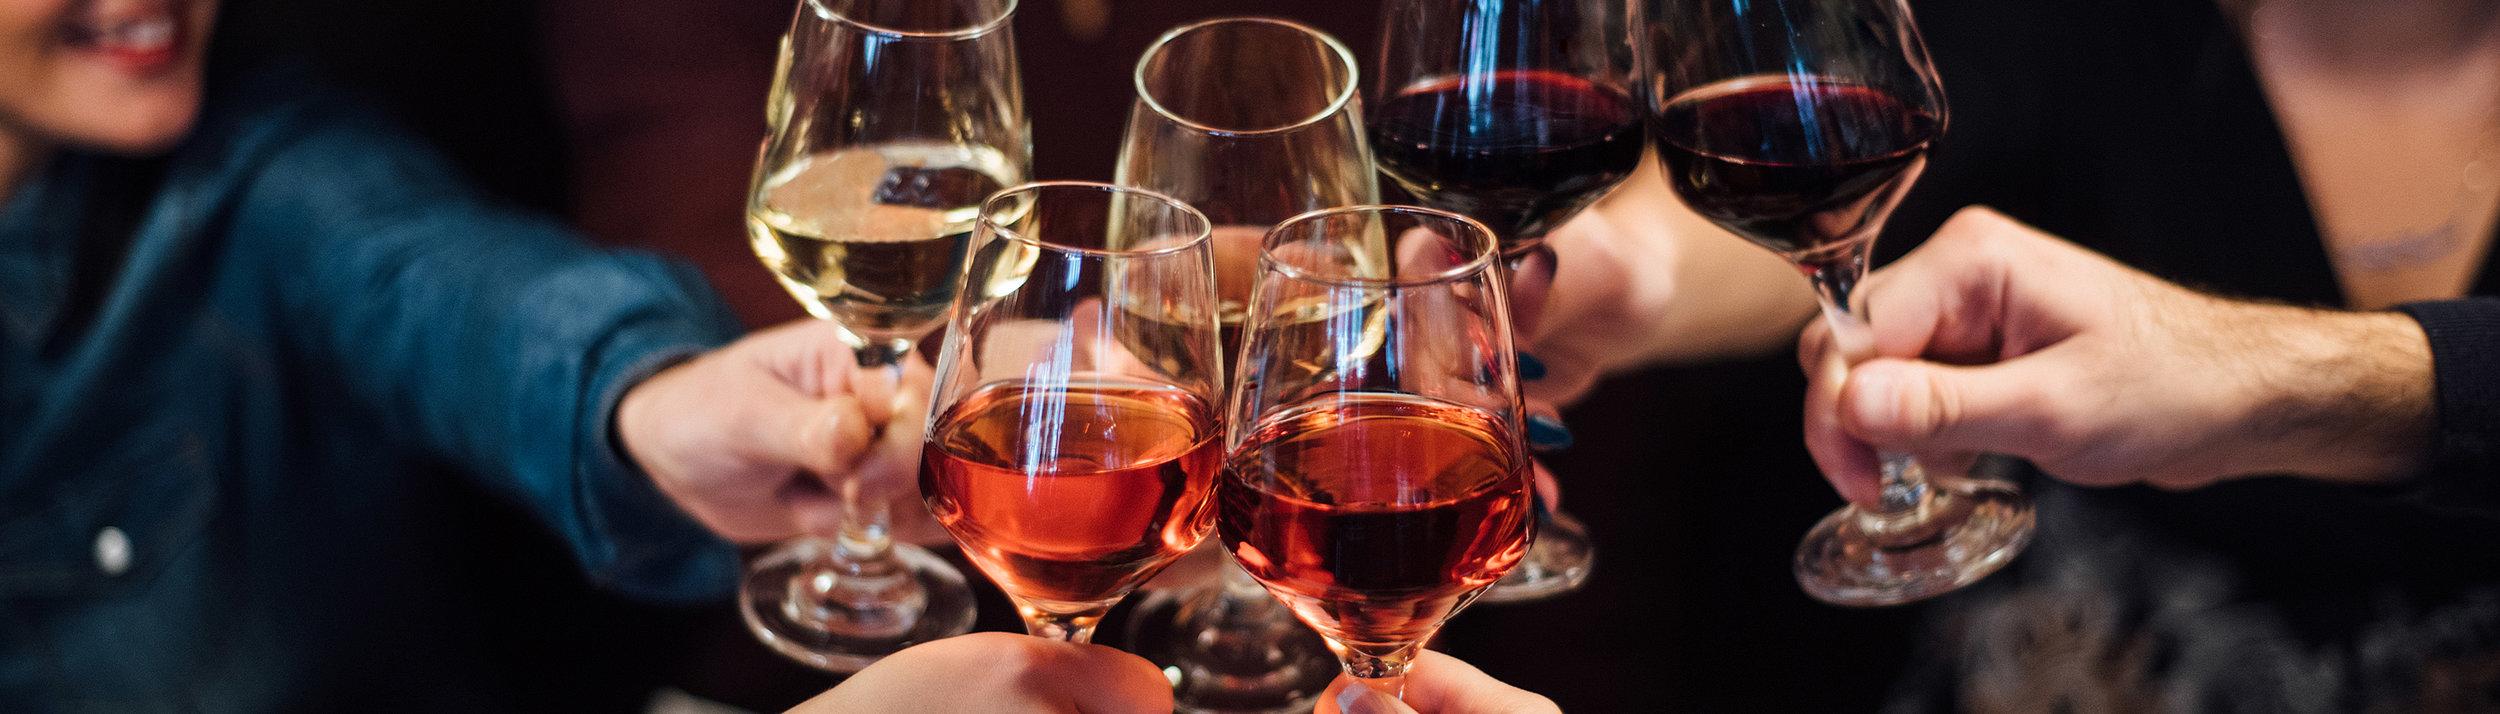 Wine_Toast.jpg